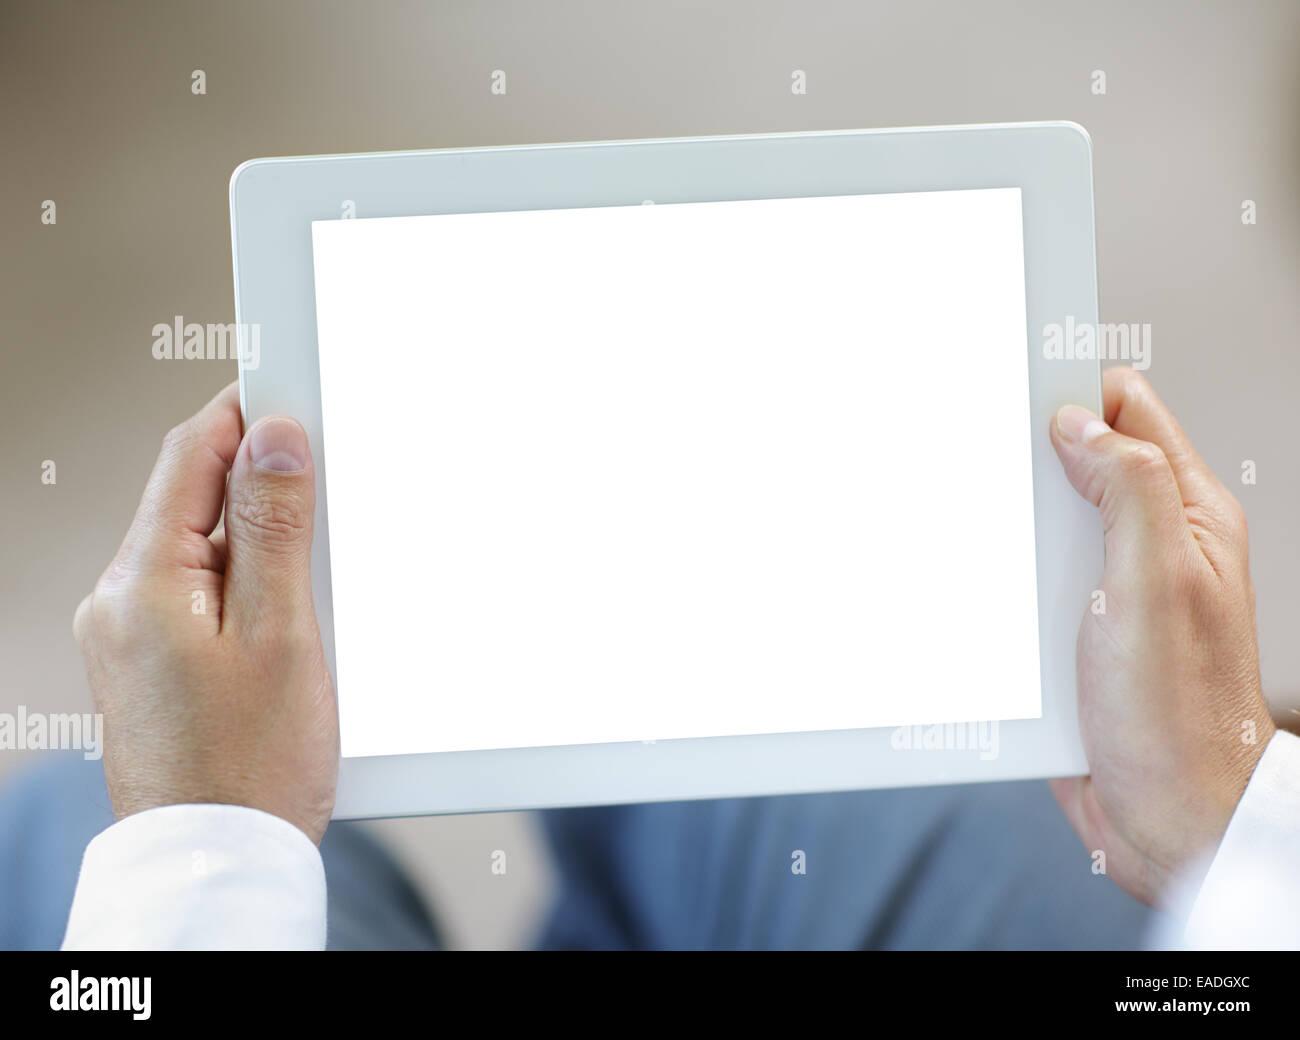 Digital-Tablette mit leerer Bildschirm Stockbild